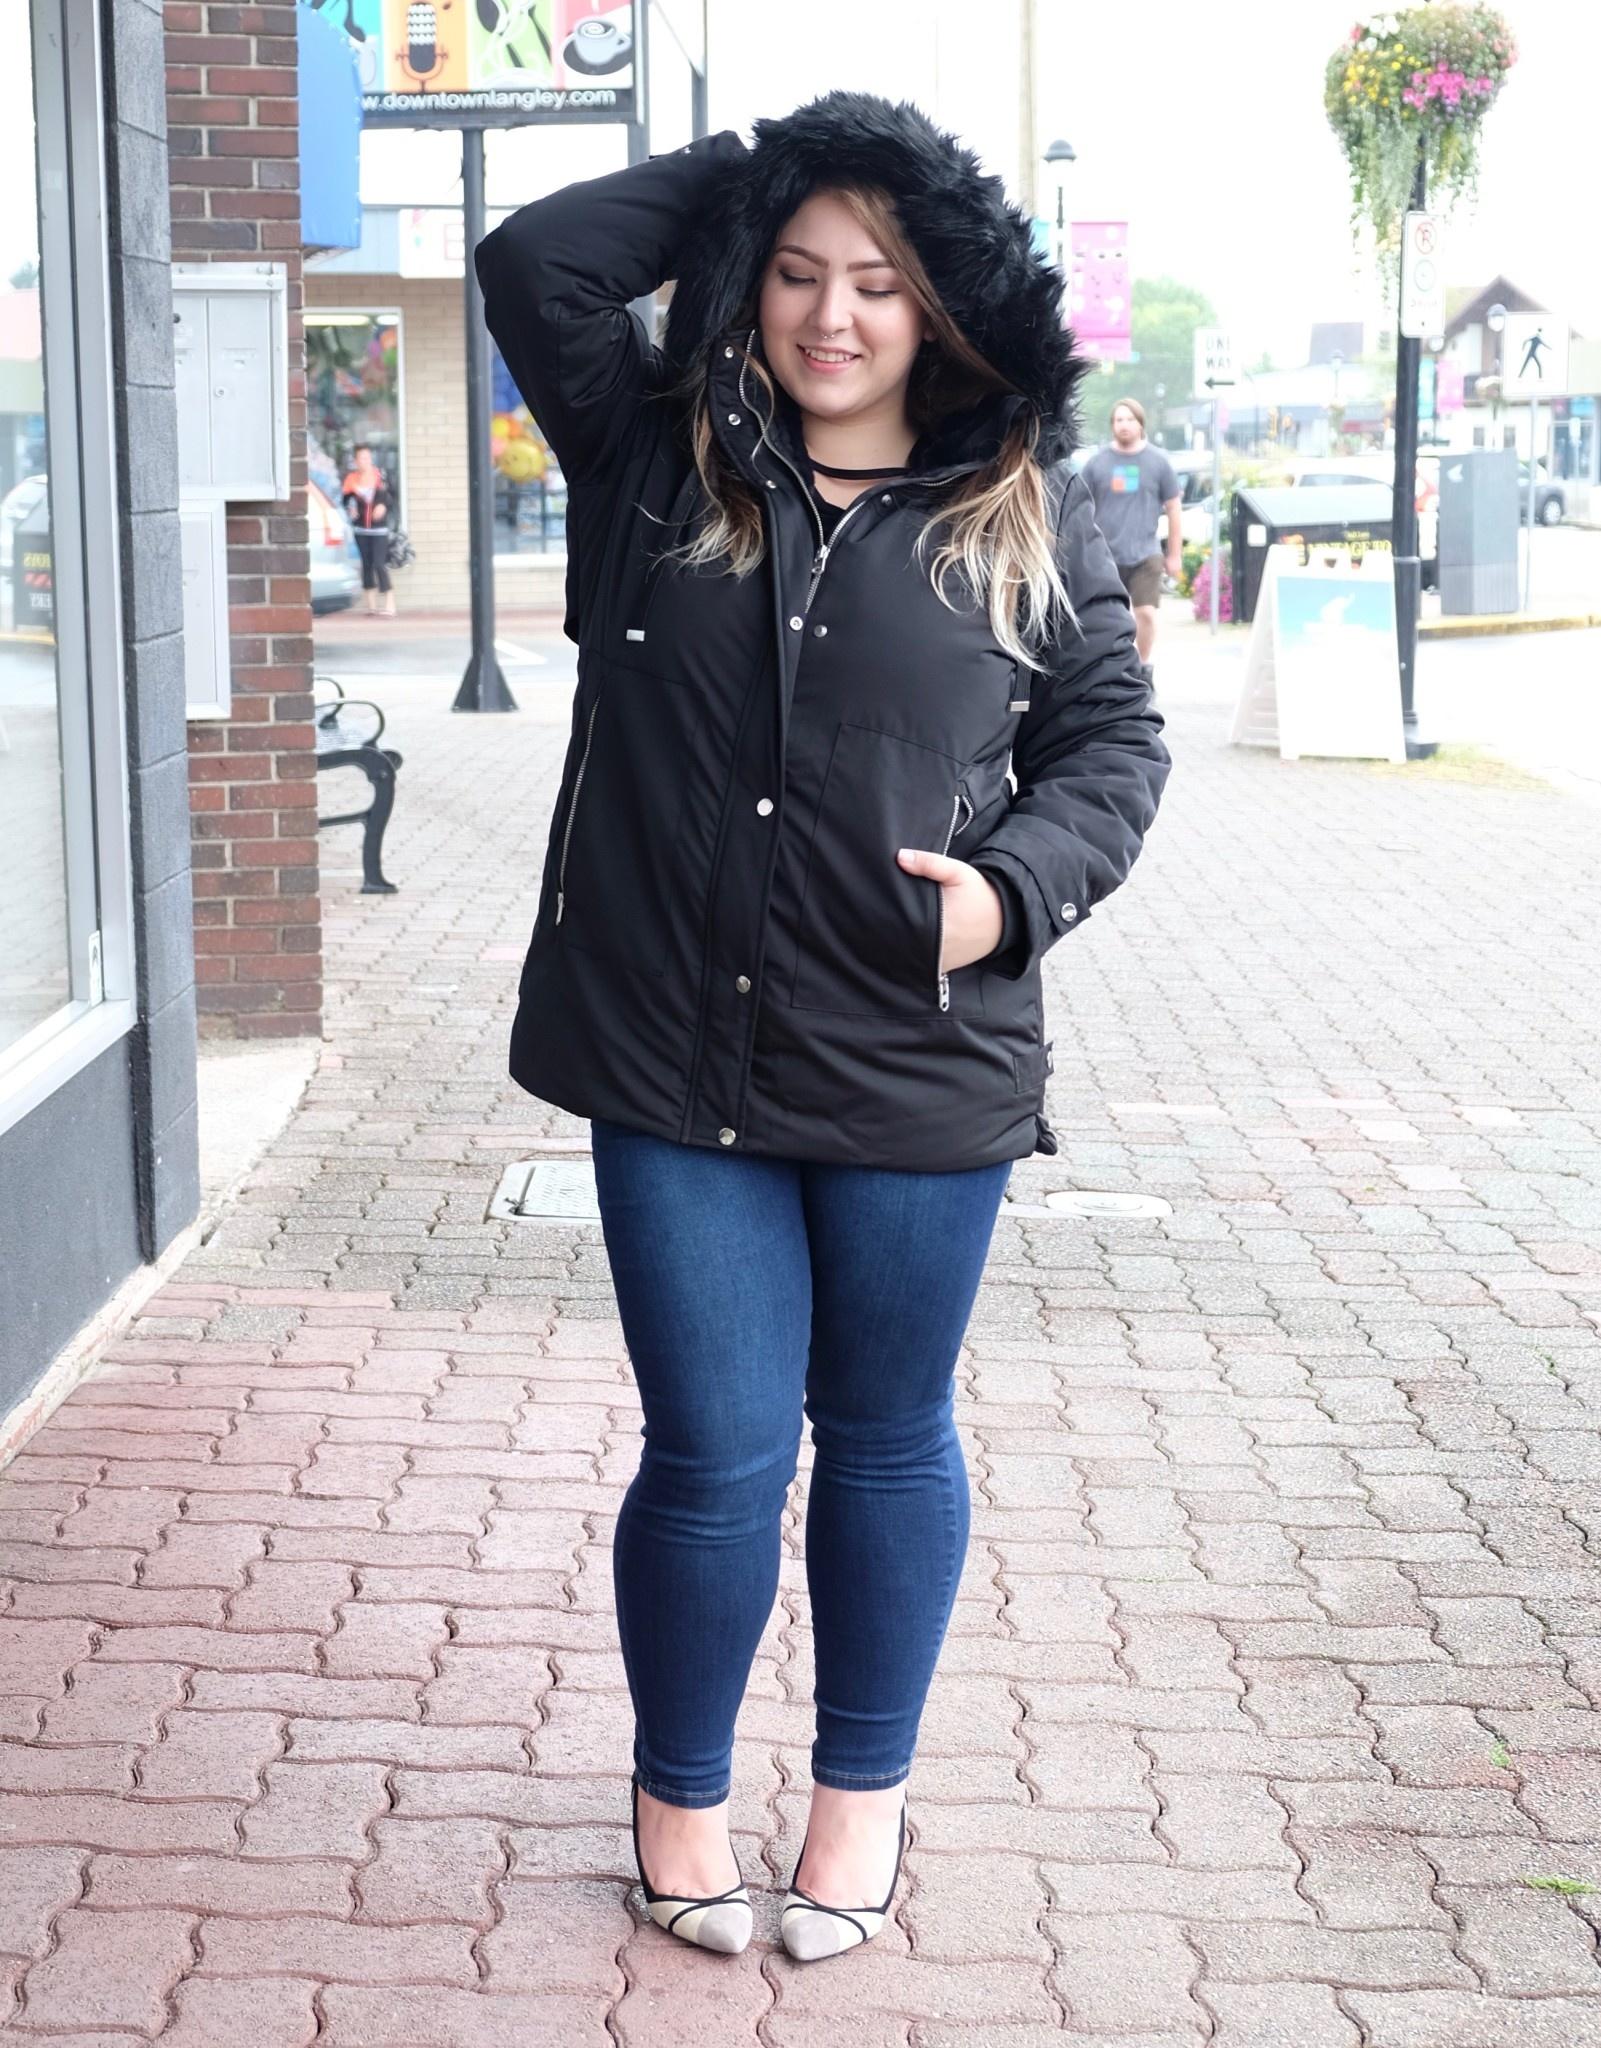 Dex Puffy Jacket